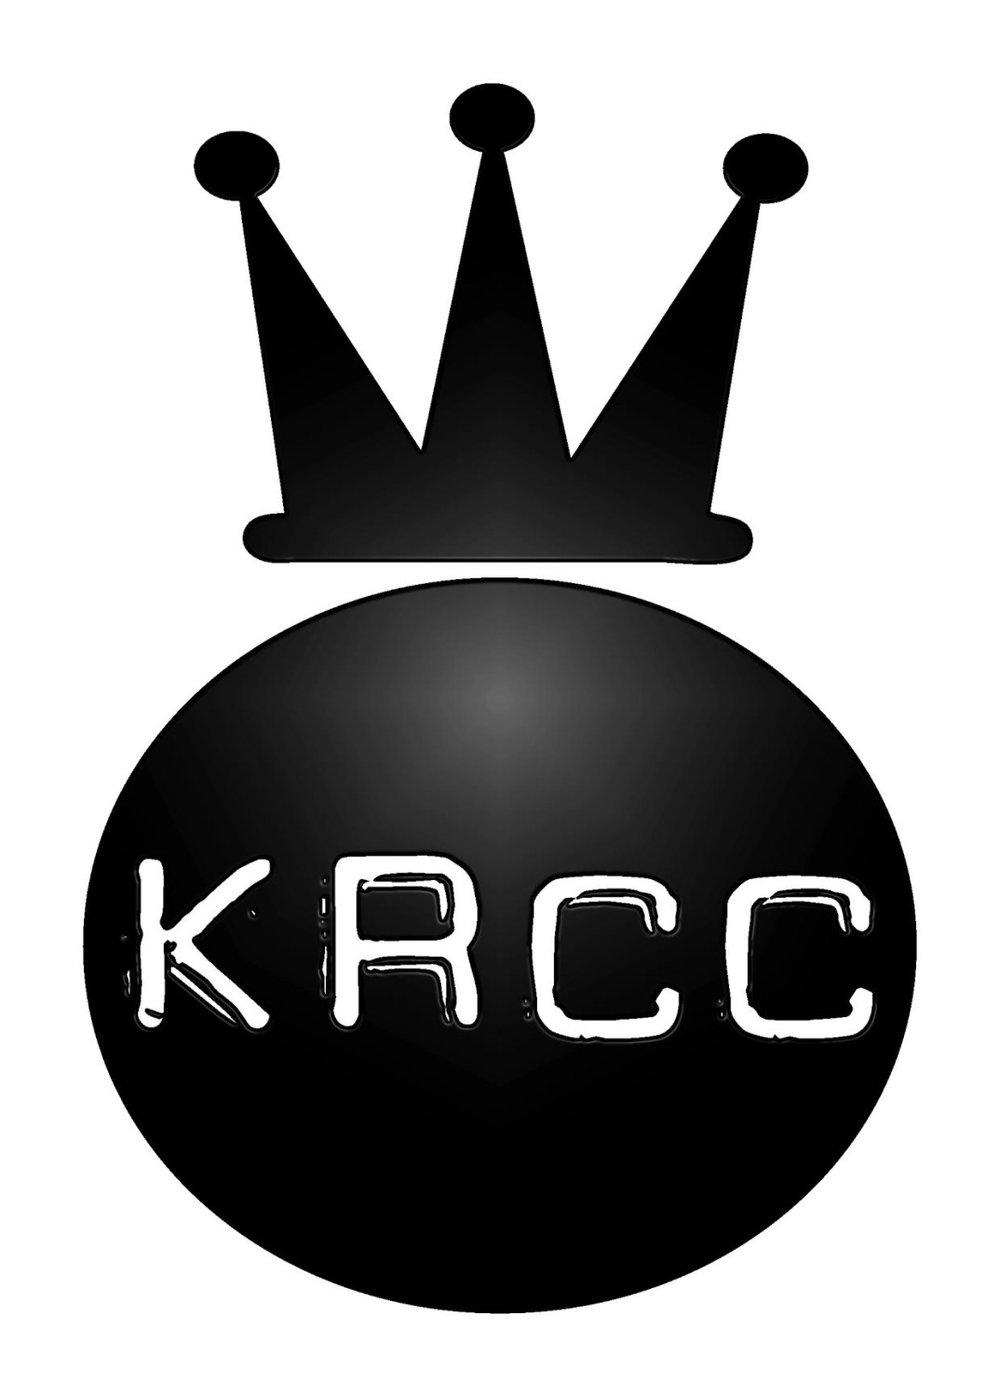 KRCC-logo.jpg